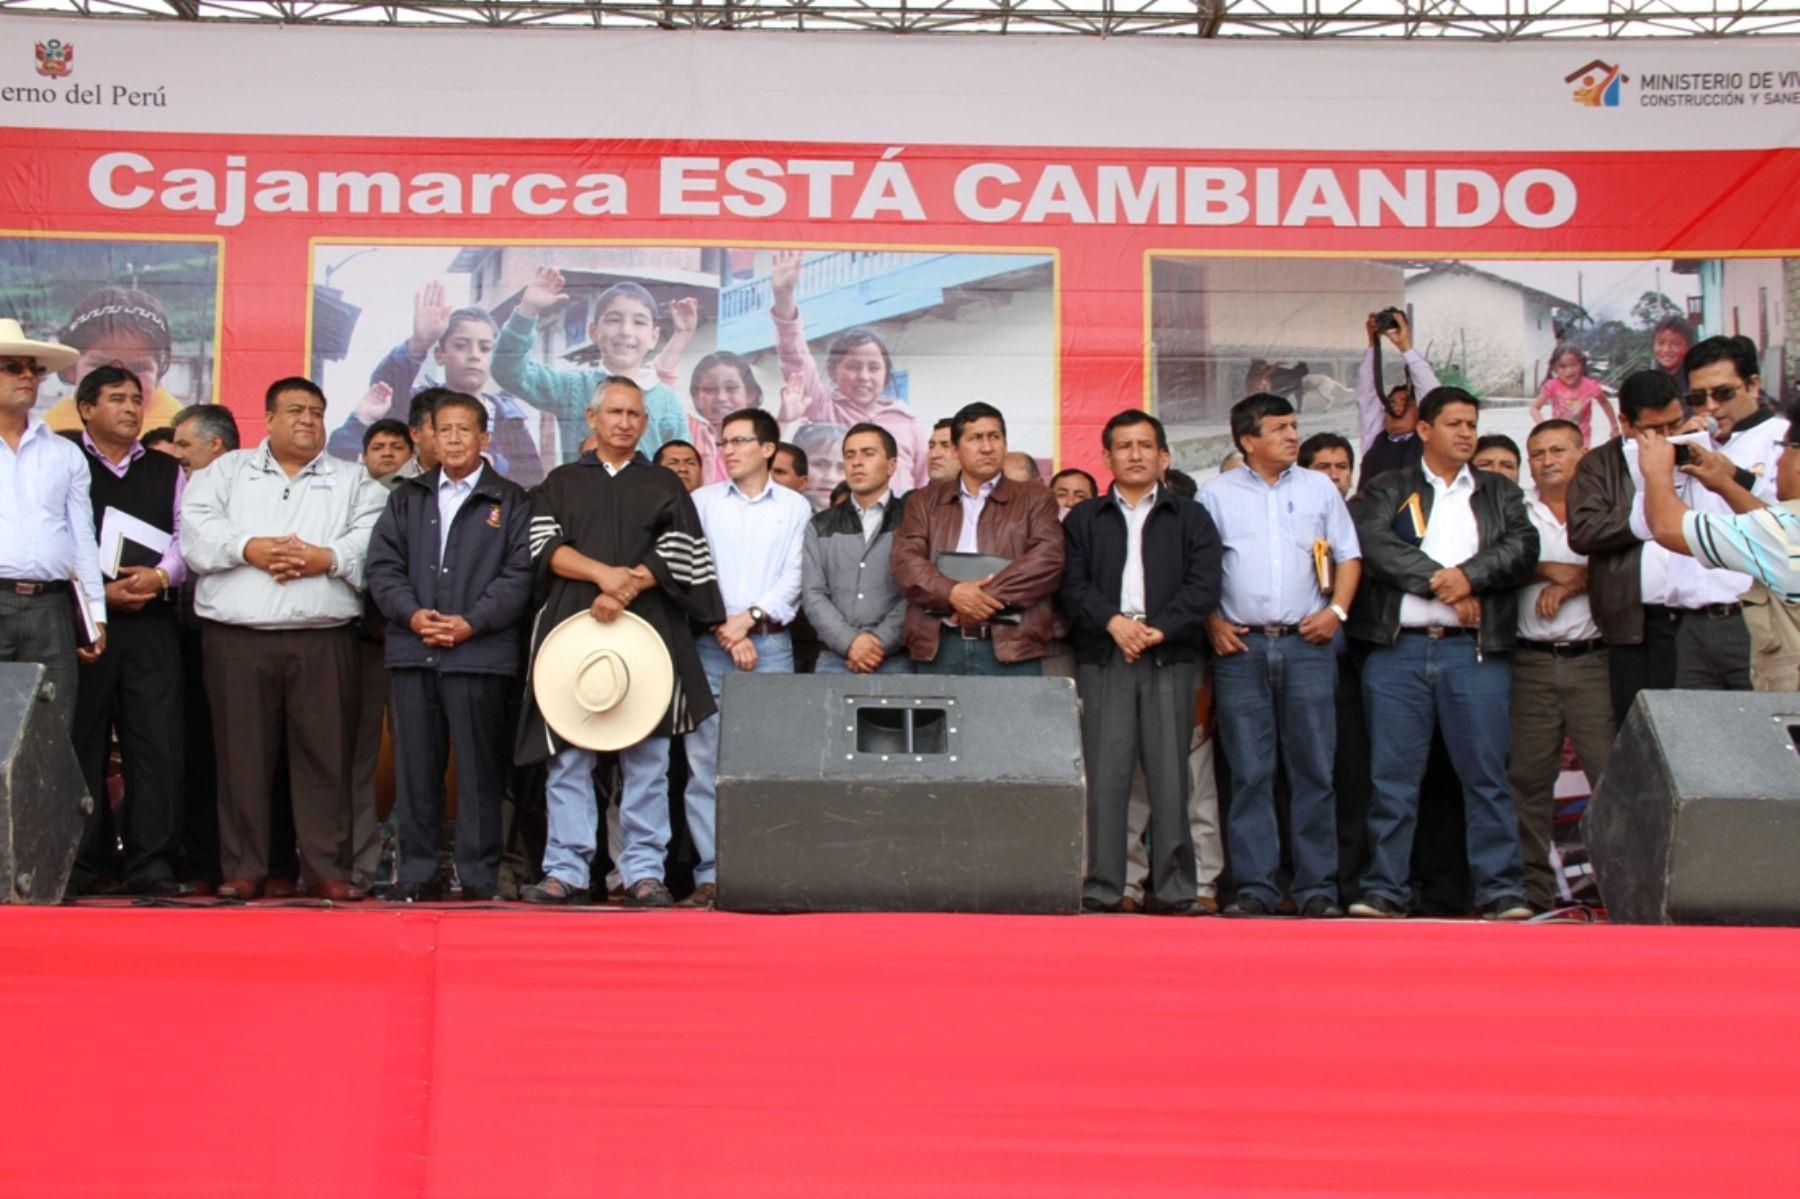 Ministro de Vivienda, René Cornejo, se reunió con alcaldes provinciales y distritales de Cajamarca.